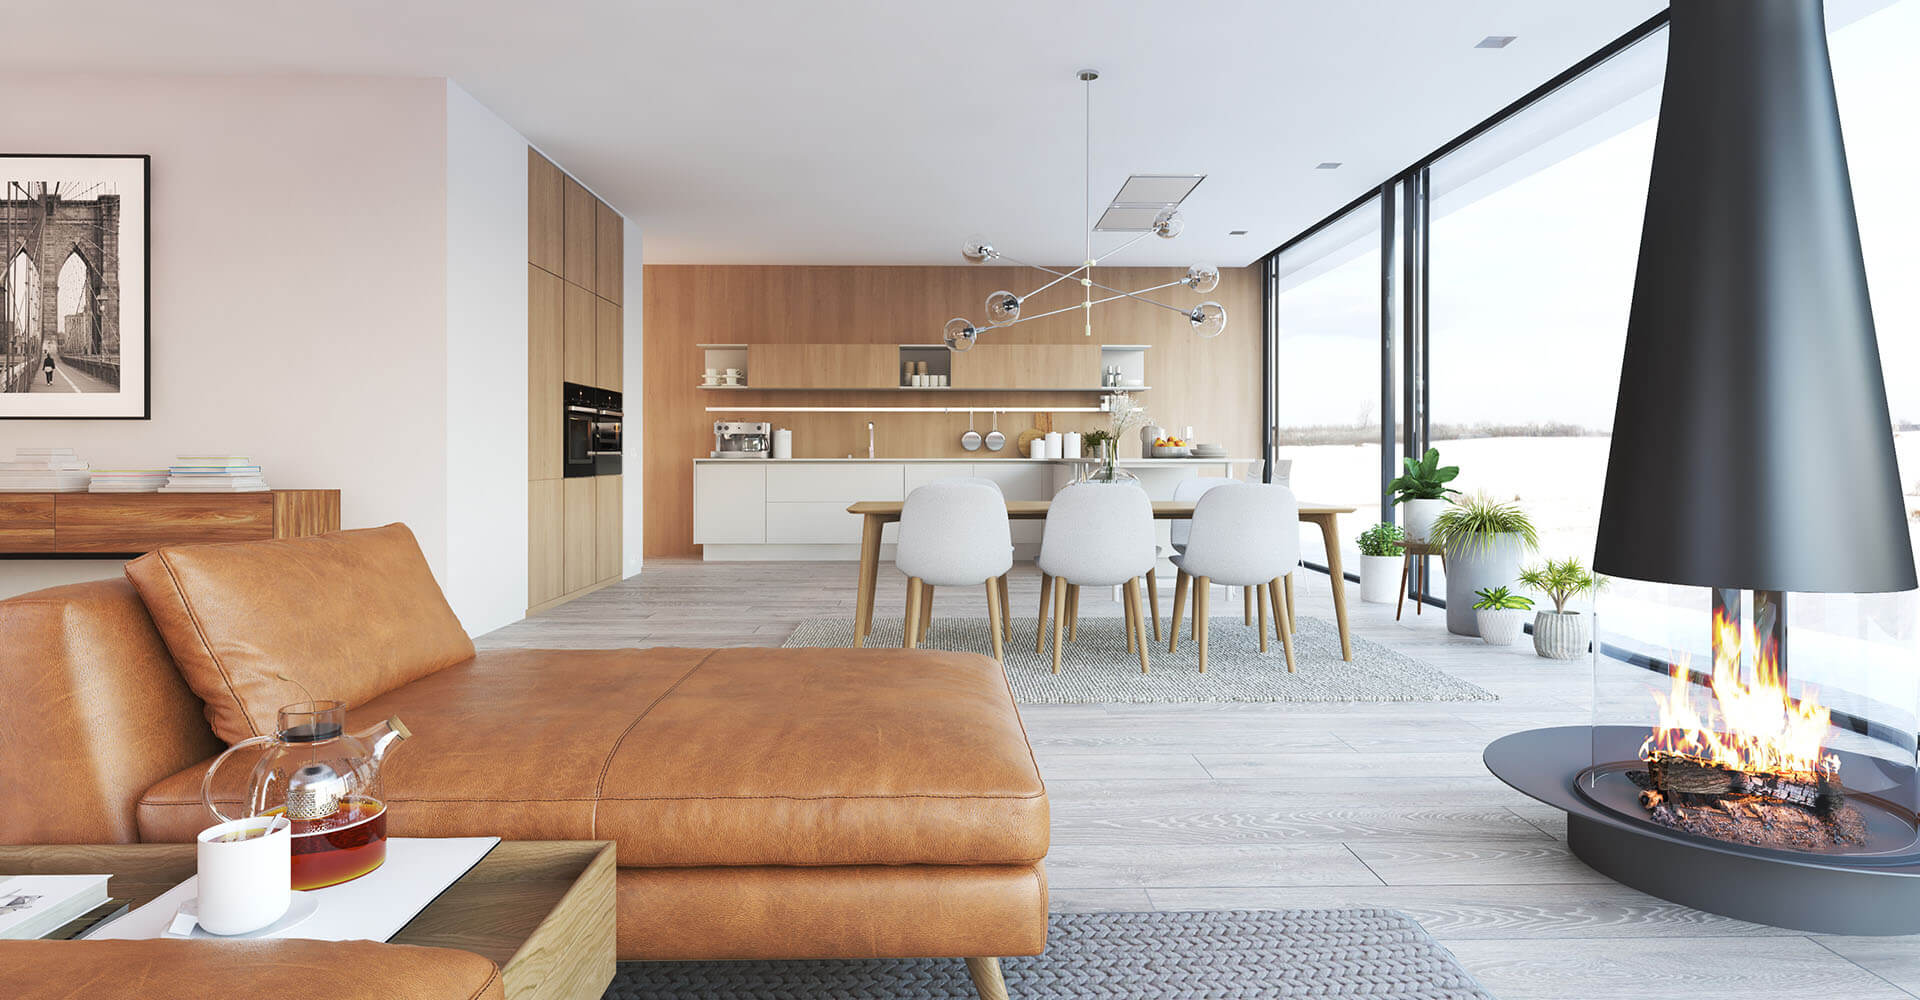 minimalismus als lebensstil kannst du minimalistisch wohnen. Black Bedroom Furniture Sets. Home Design Ideas